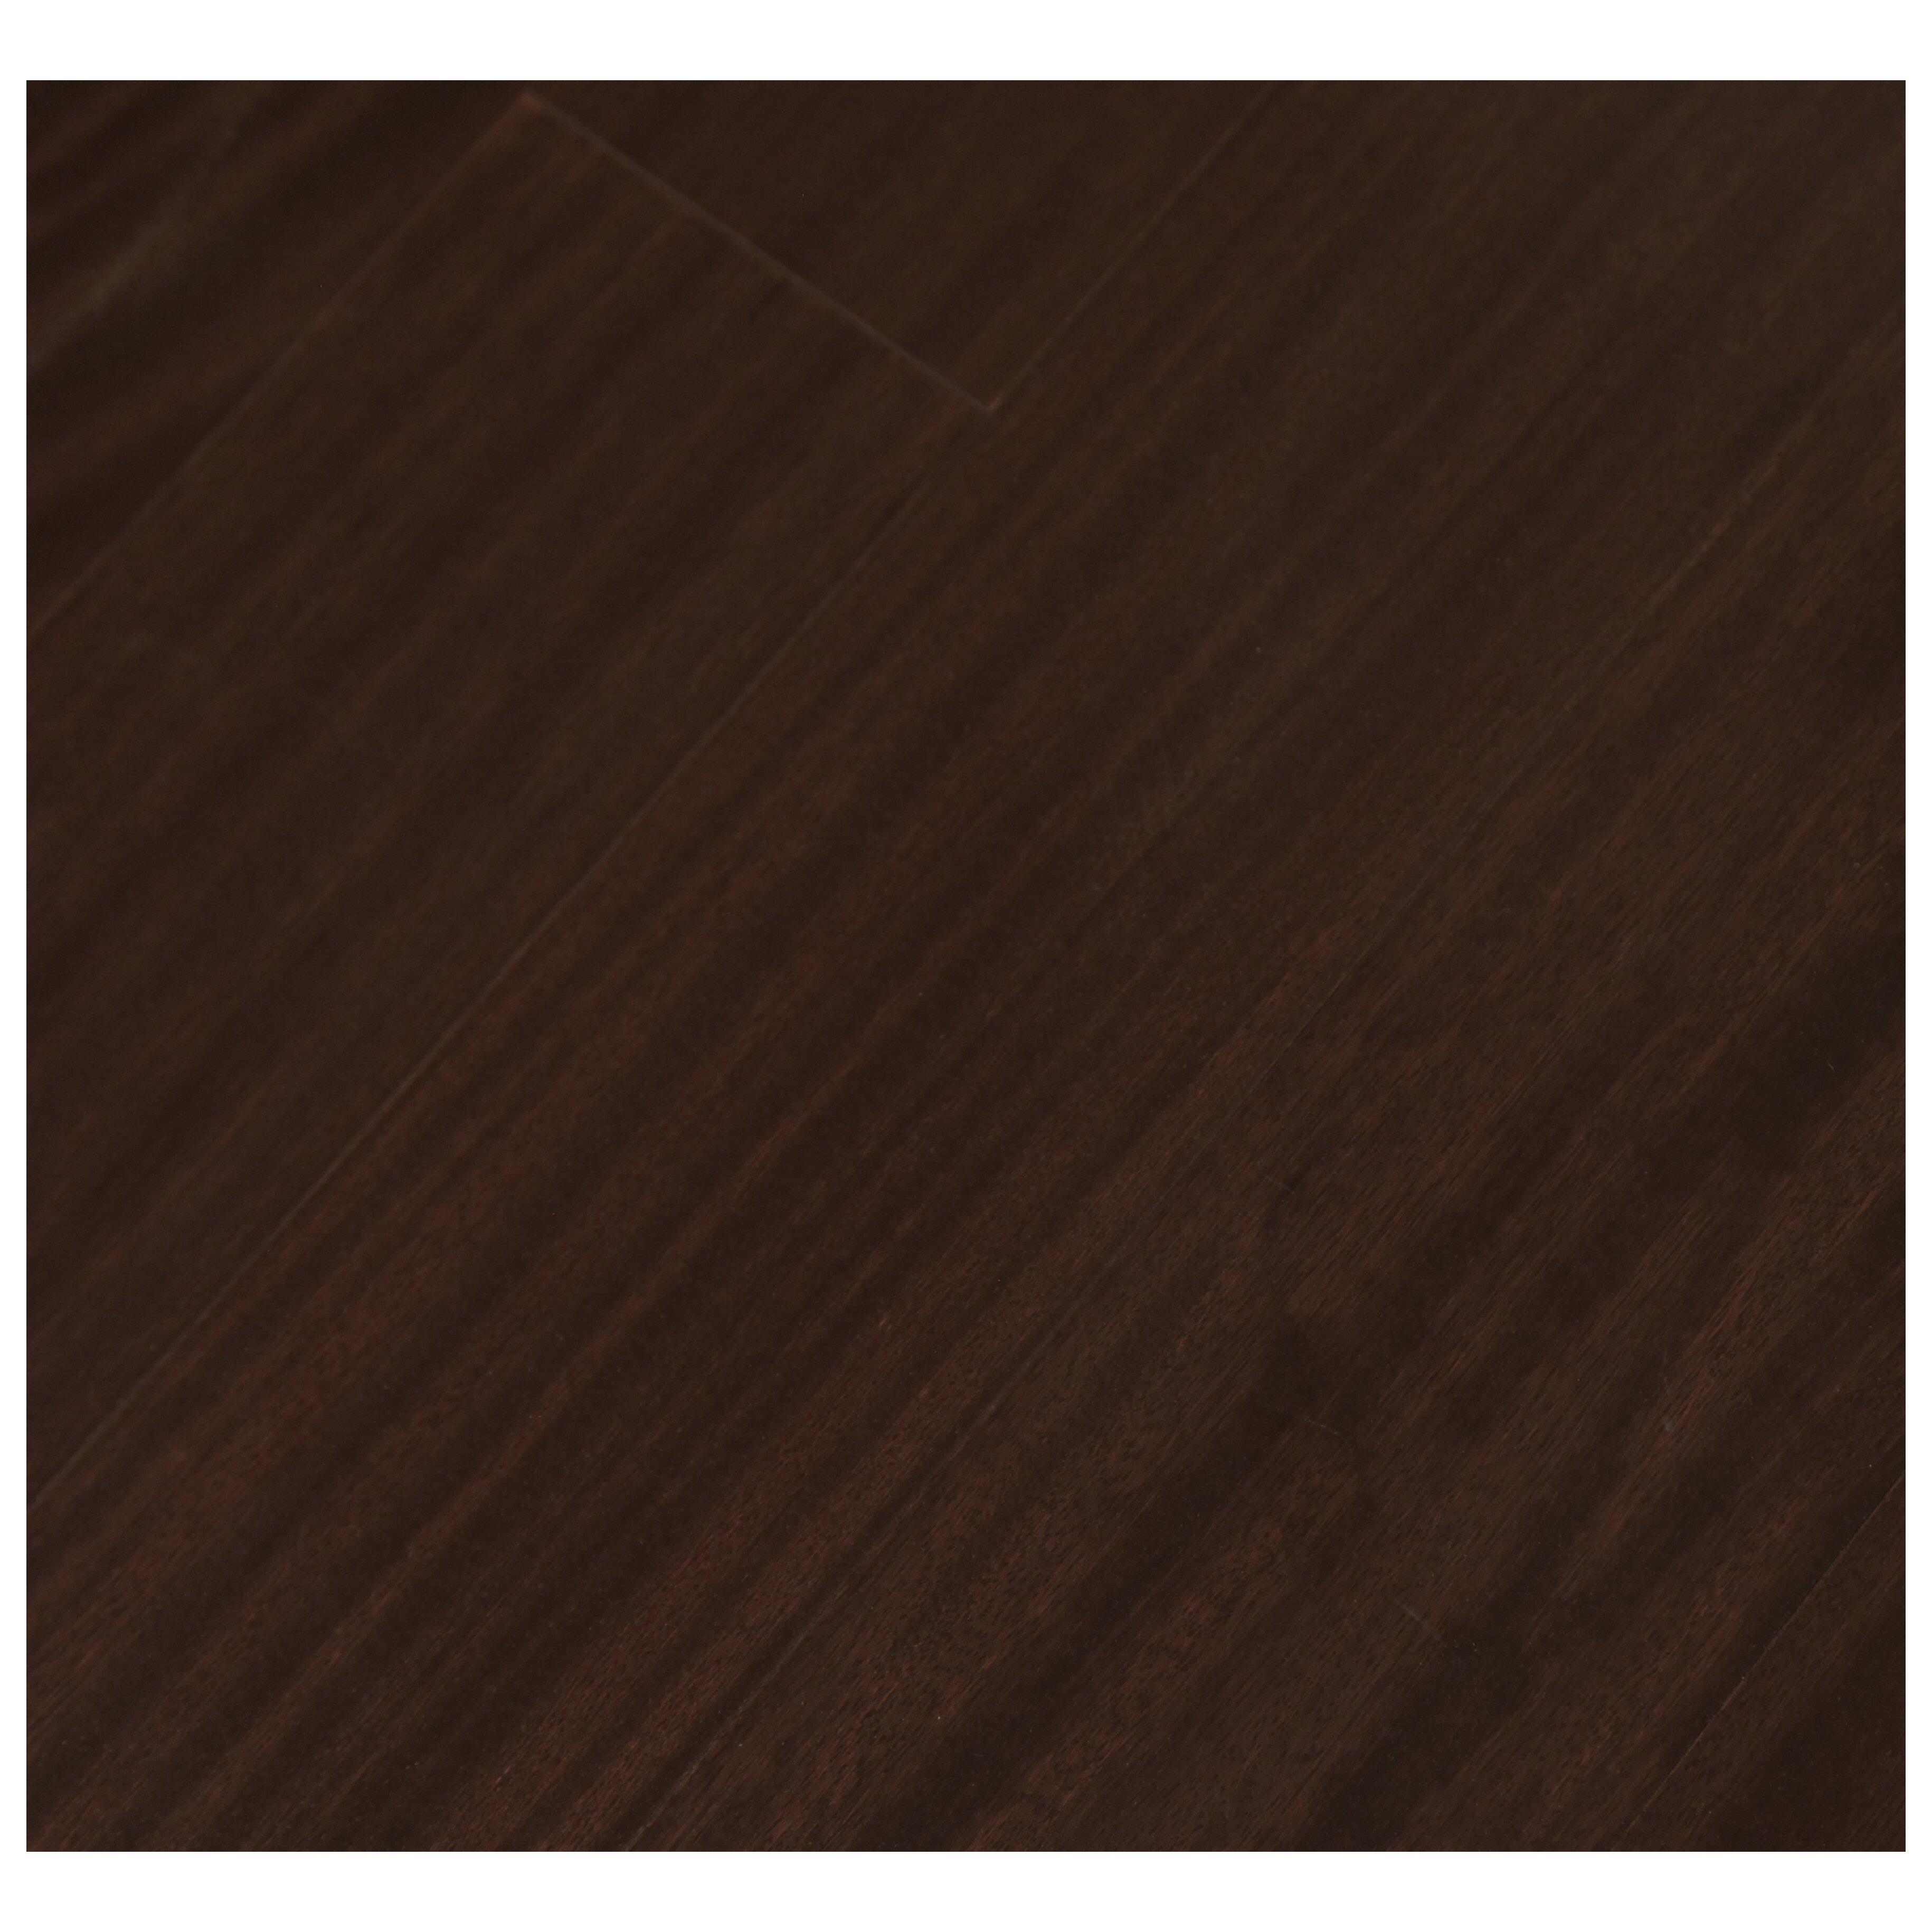 """Easoon Usa 5 Engineered Manchurian Walnut Hardwood: Easoon USA 5"""" Engineered Pacific Mahogany Hardwood"""